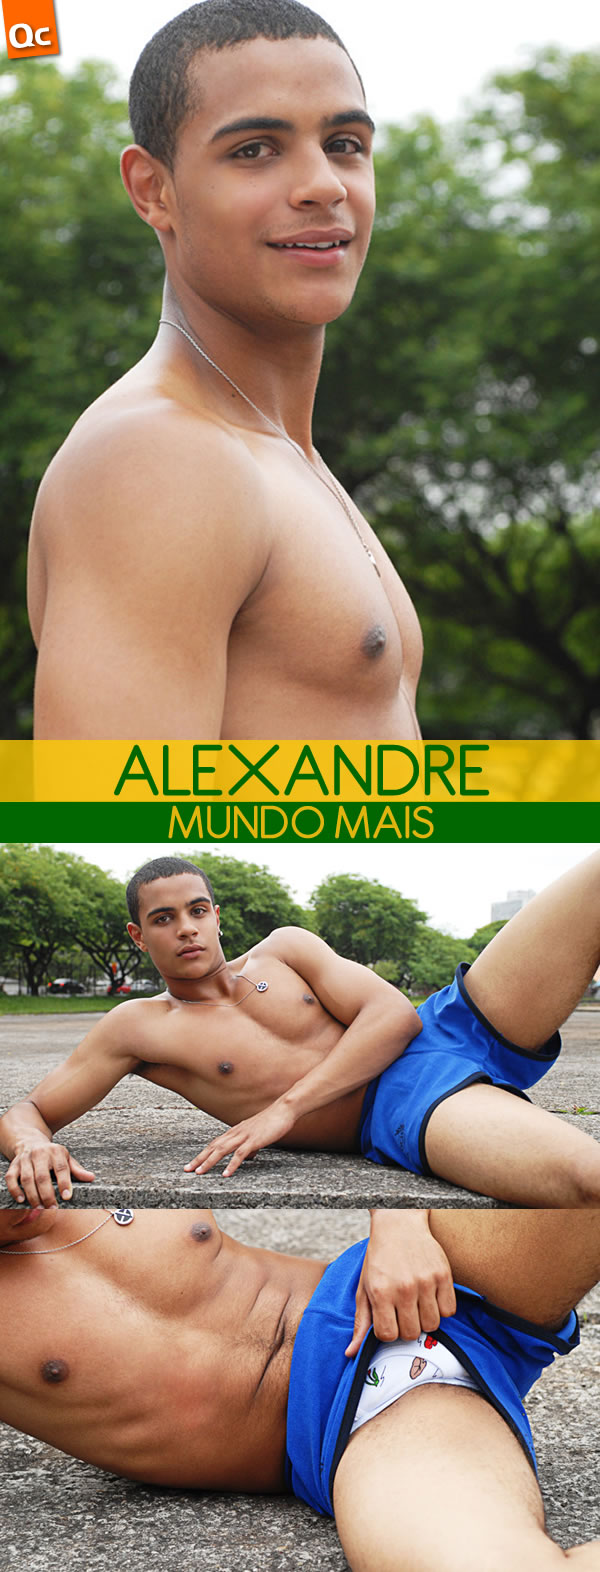 Mundo Mais: Alexandre